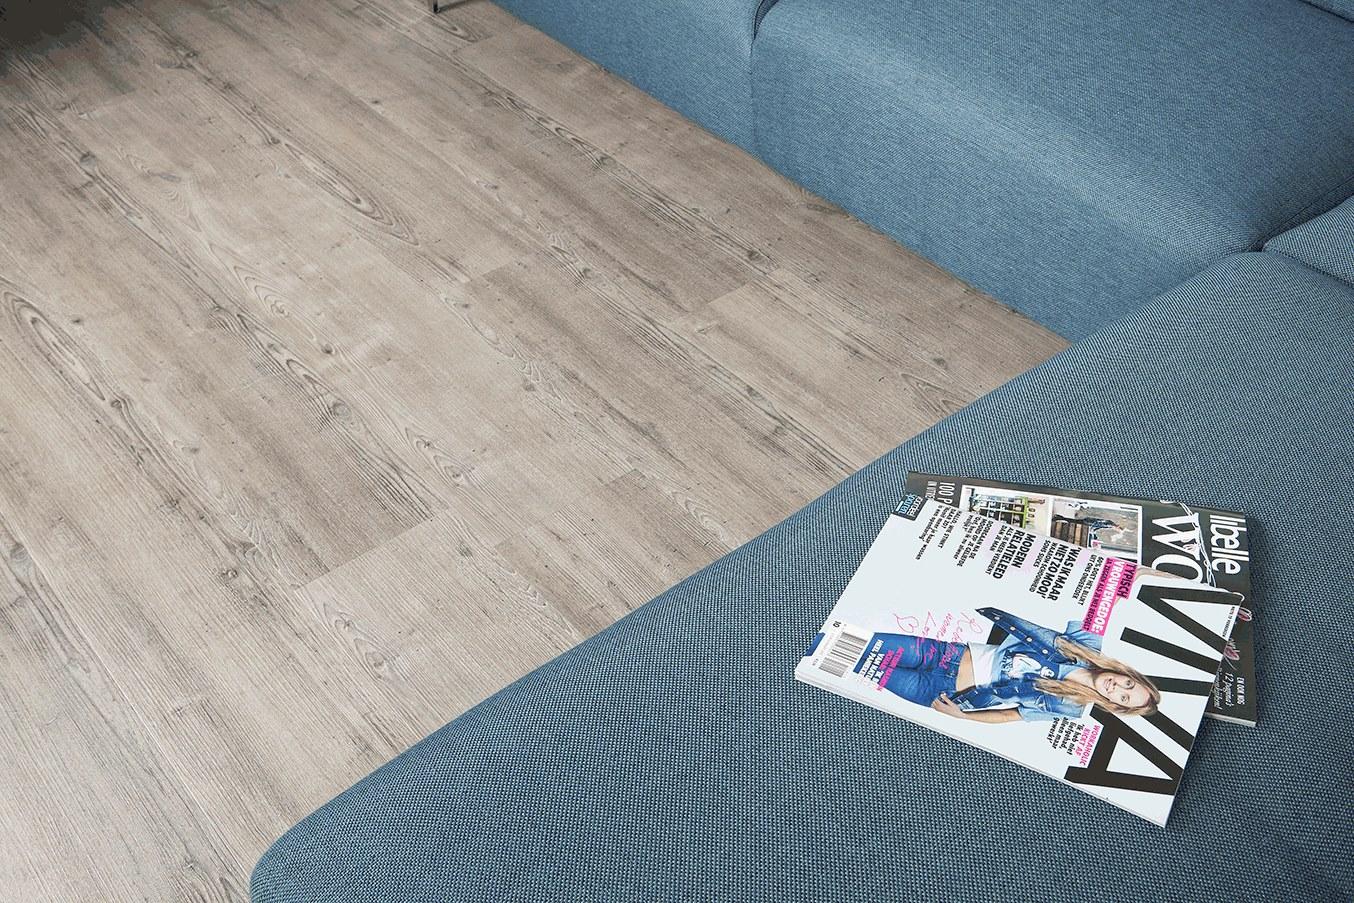 PVC vloer met natuurgetrouwe houtlook - Balance collectie van Vivafloors